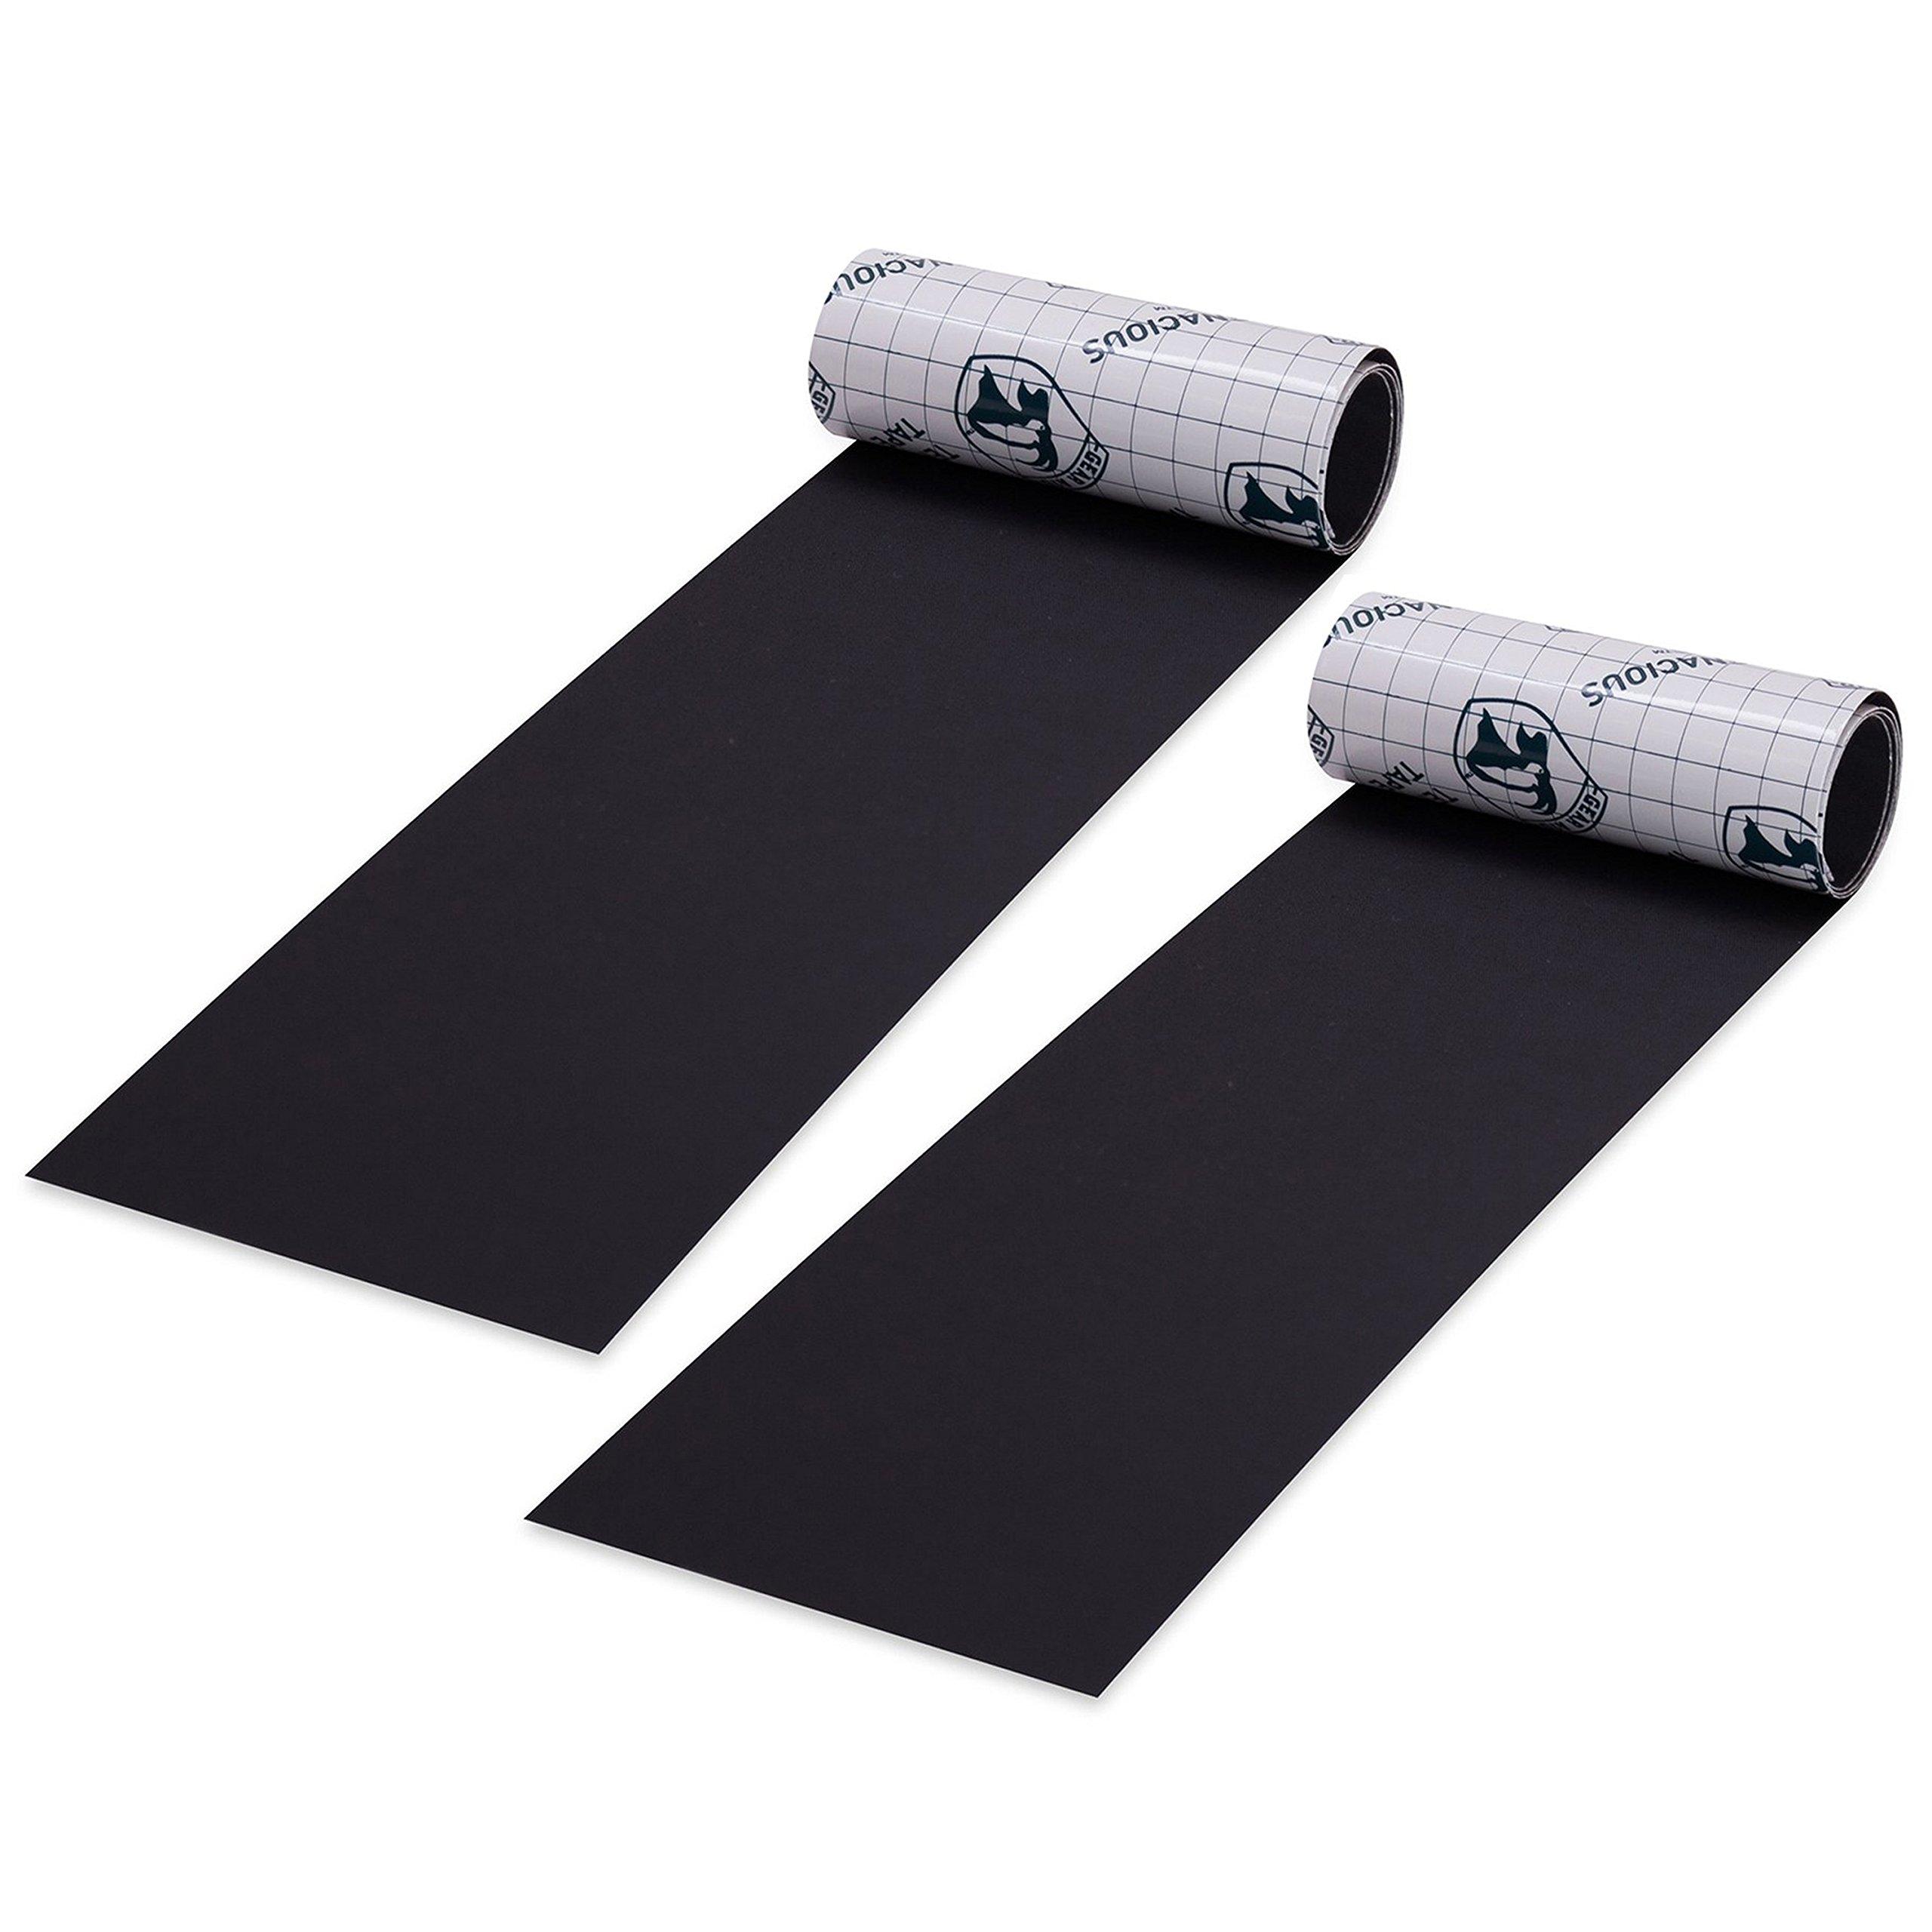 """Gear Aid Tenacious Tape Repair Tape for Fabric and Vinyl, Black Nylon, 3"""" x 20"""" (2 pack)"""